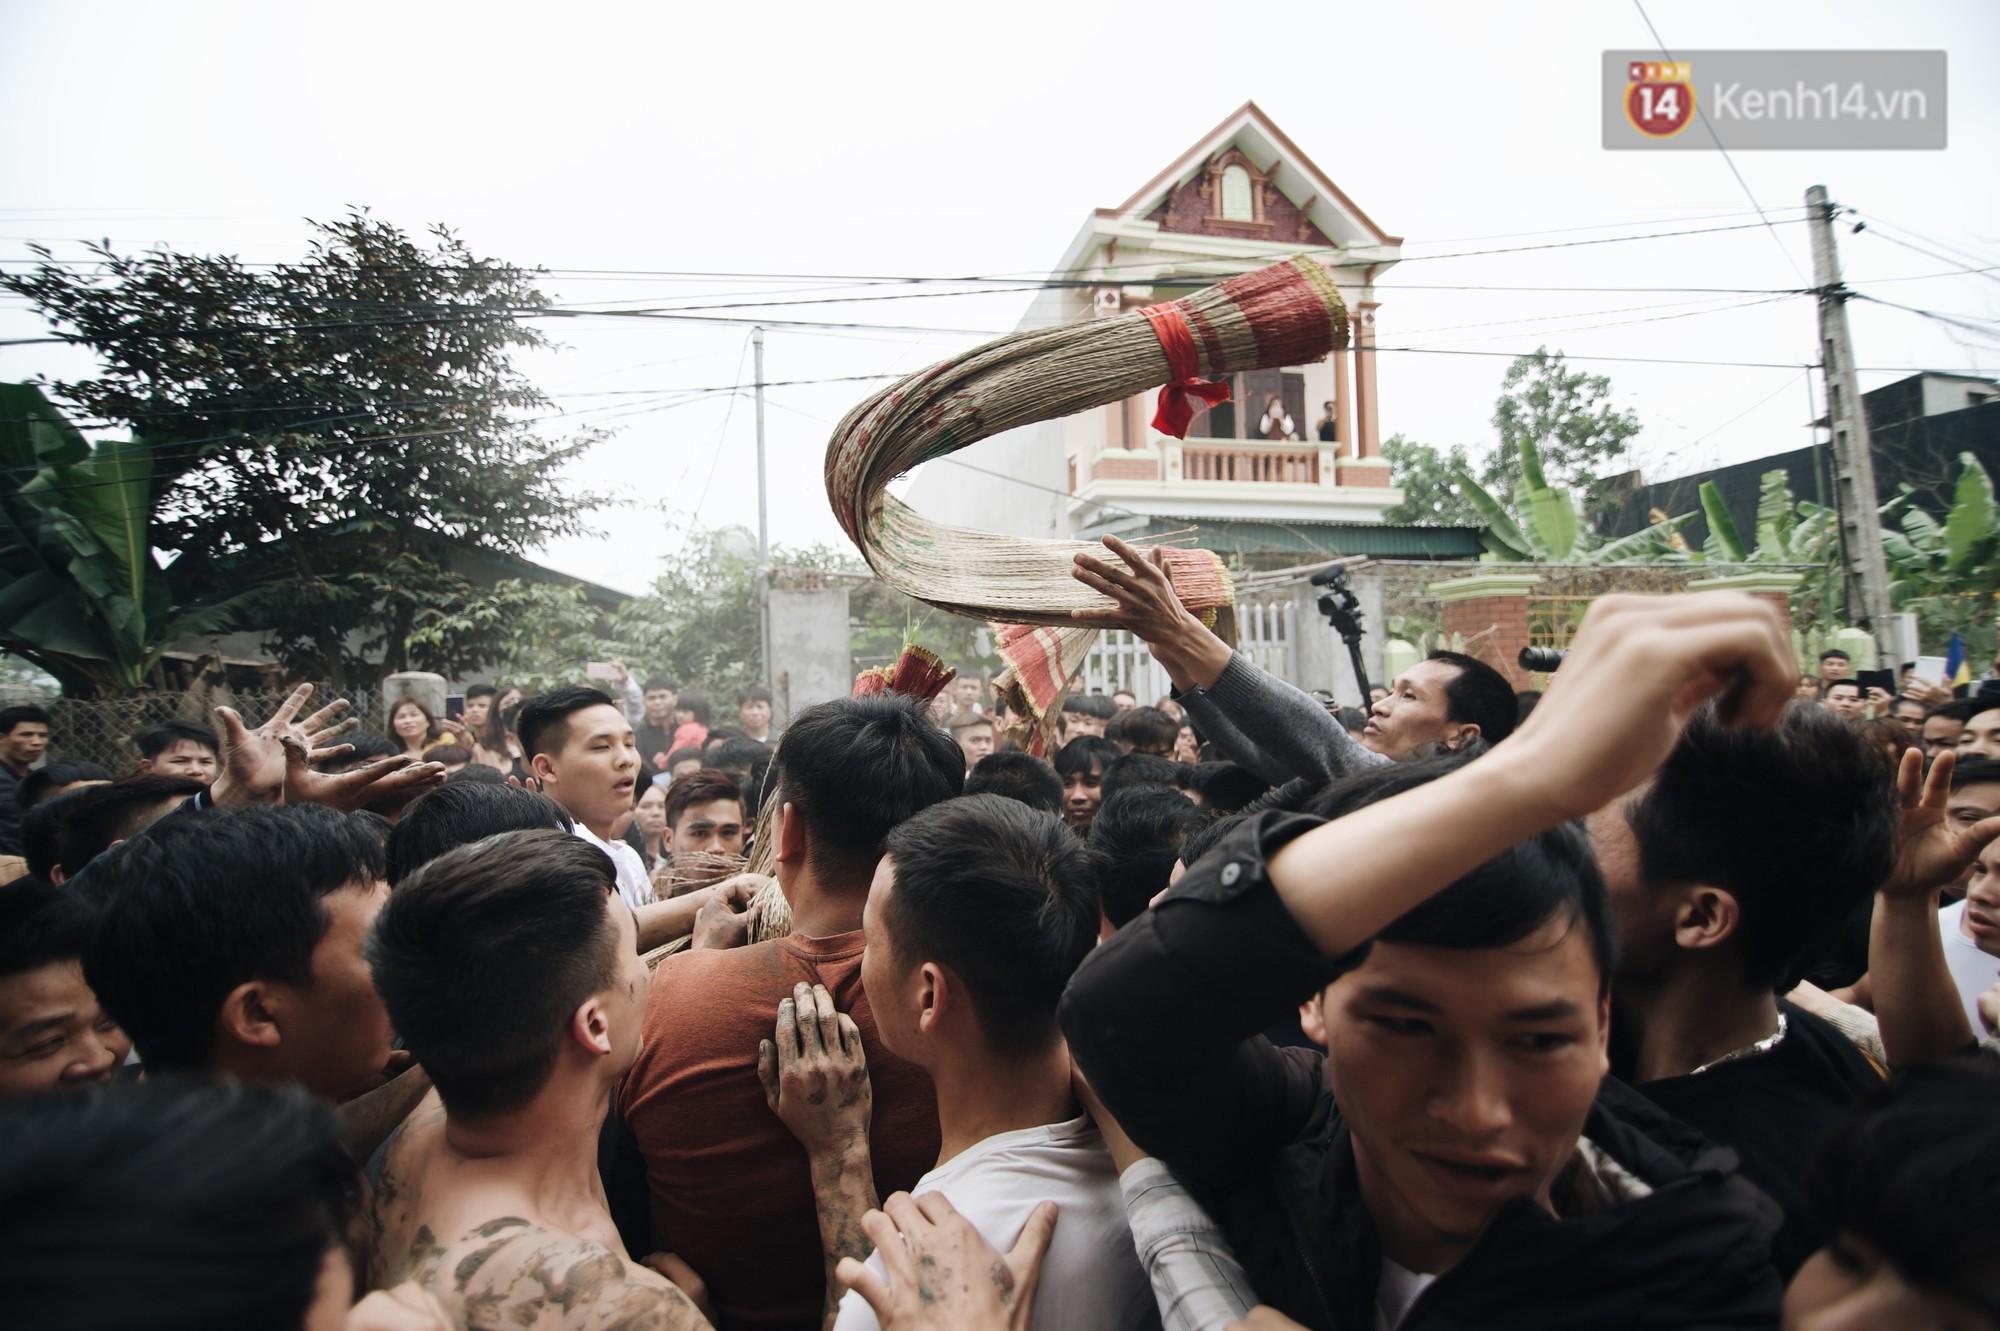 Hàng trăm thanh niên giẫm đạp, tranh cuớp chiếu thiêng mong sinh con trai - Ảnh 7.